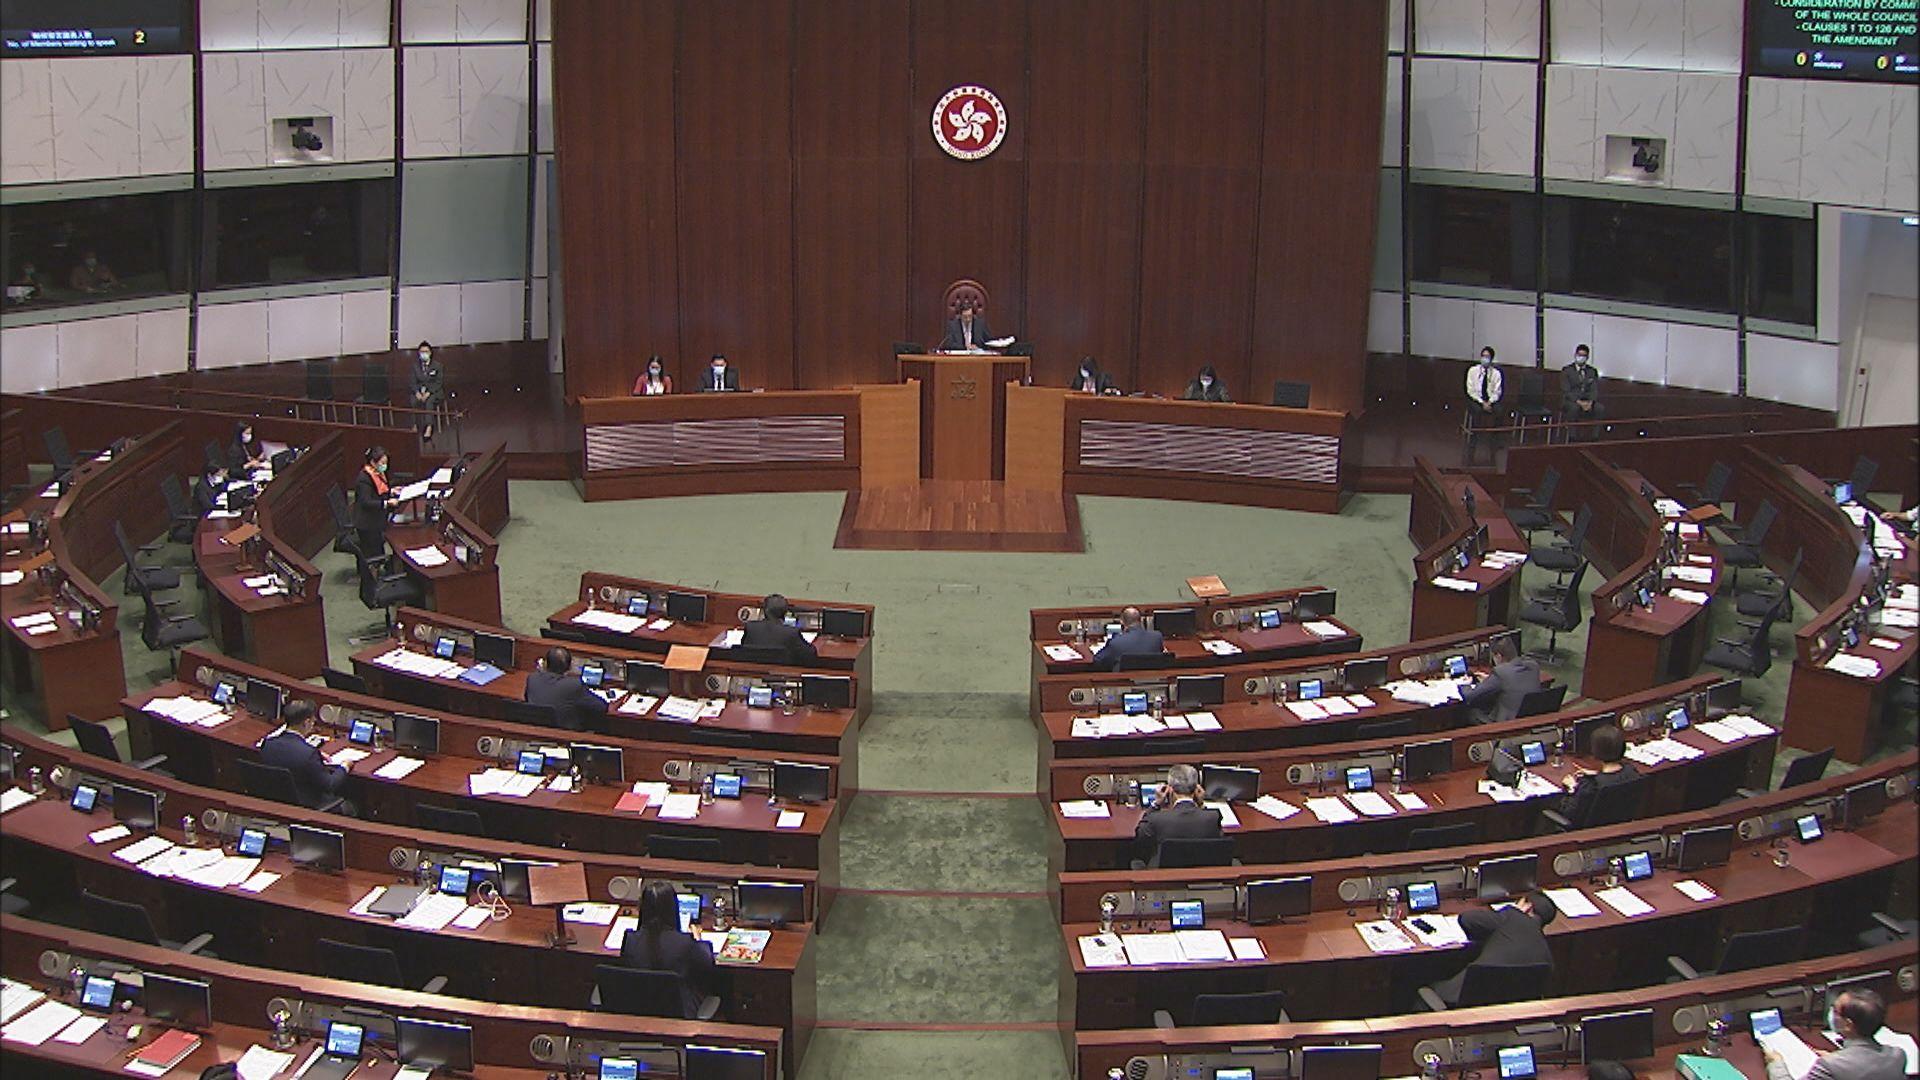 建制派動議大幅修改議事規則 民主派批拒聽反對意見